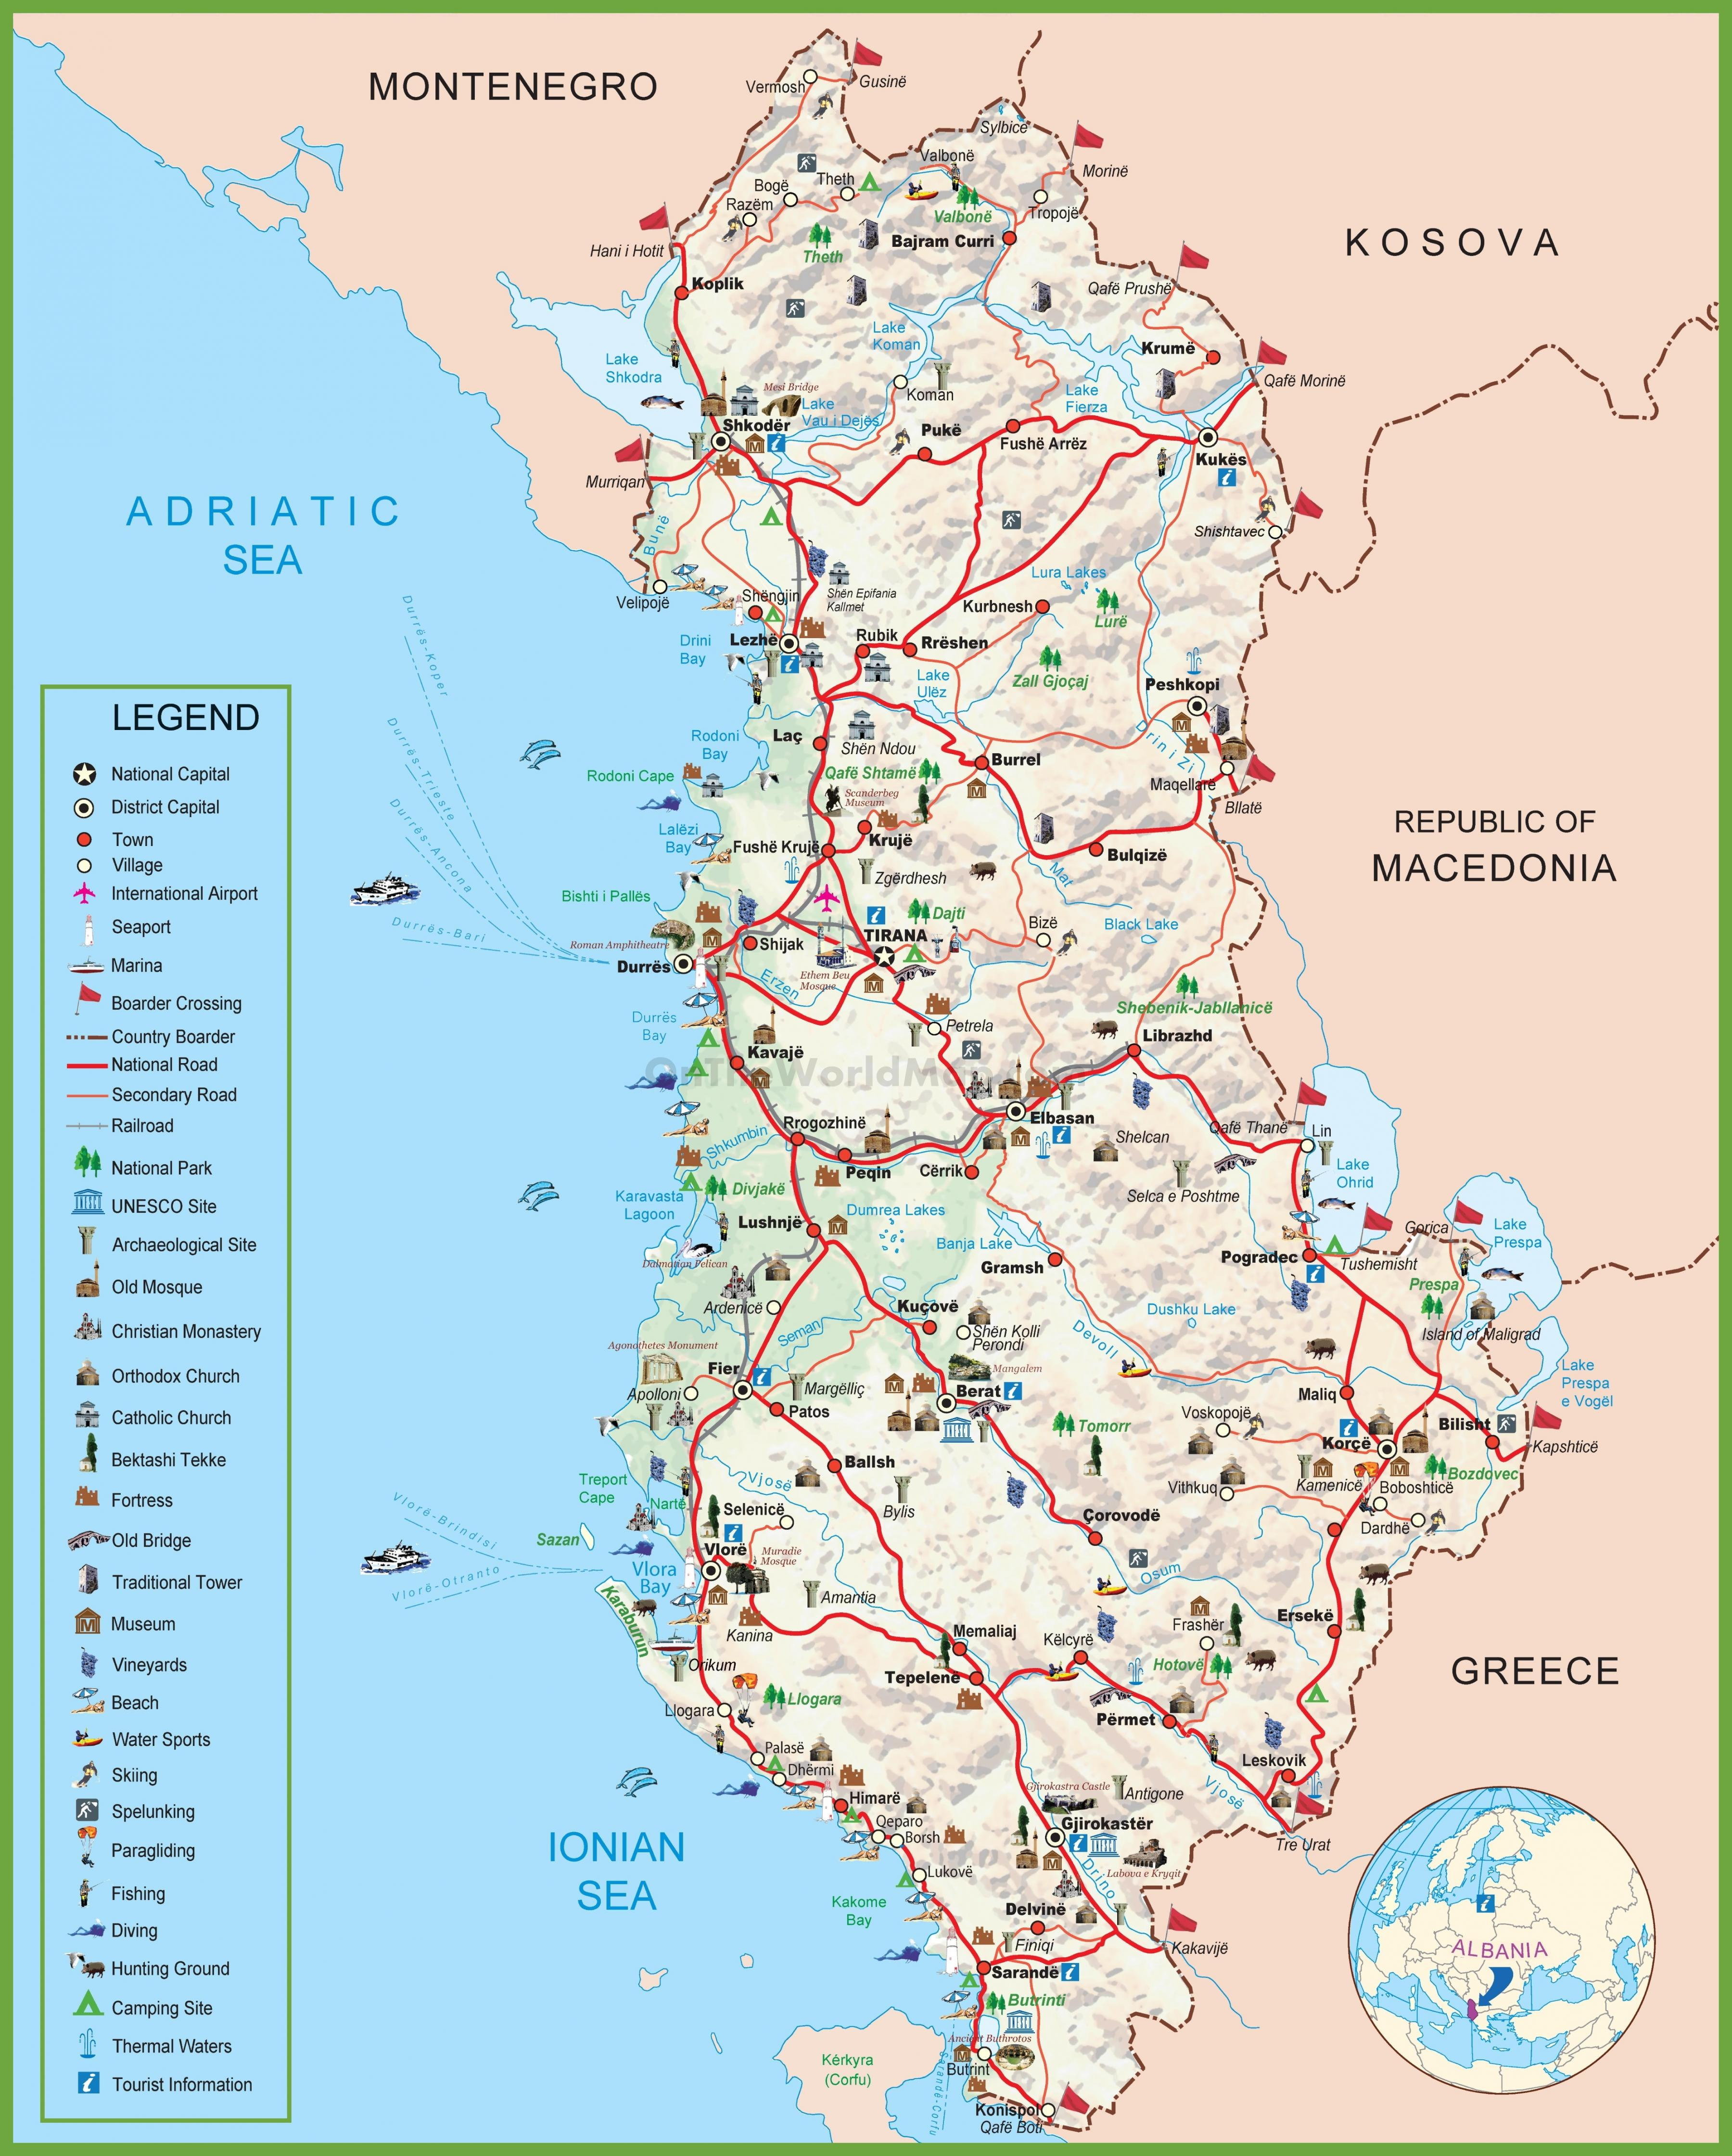 albania kart Kart av Albania   Kart shqiperia Albania (Sør Europa   Europa) albania kart